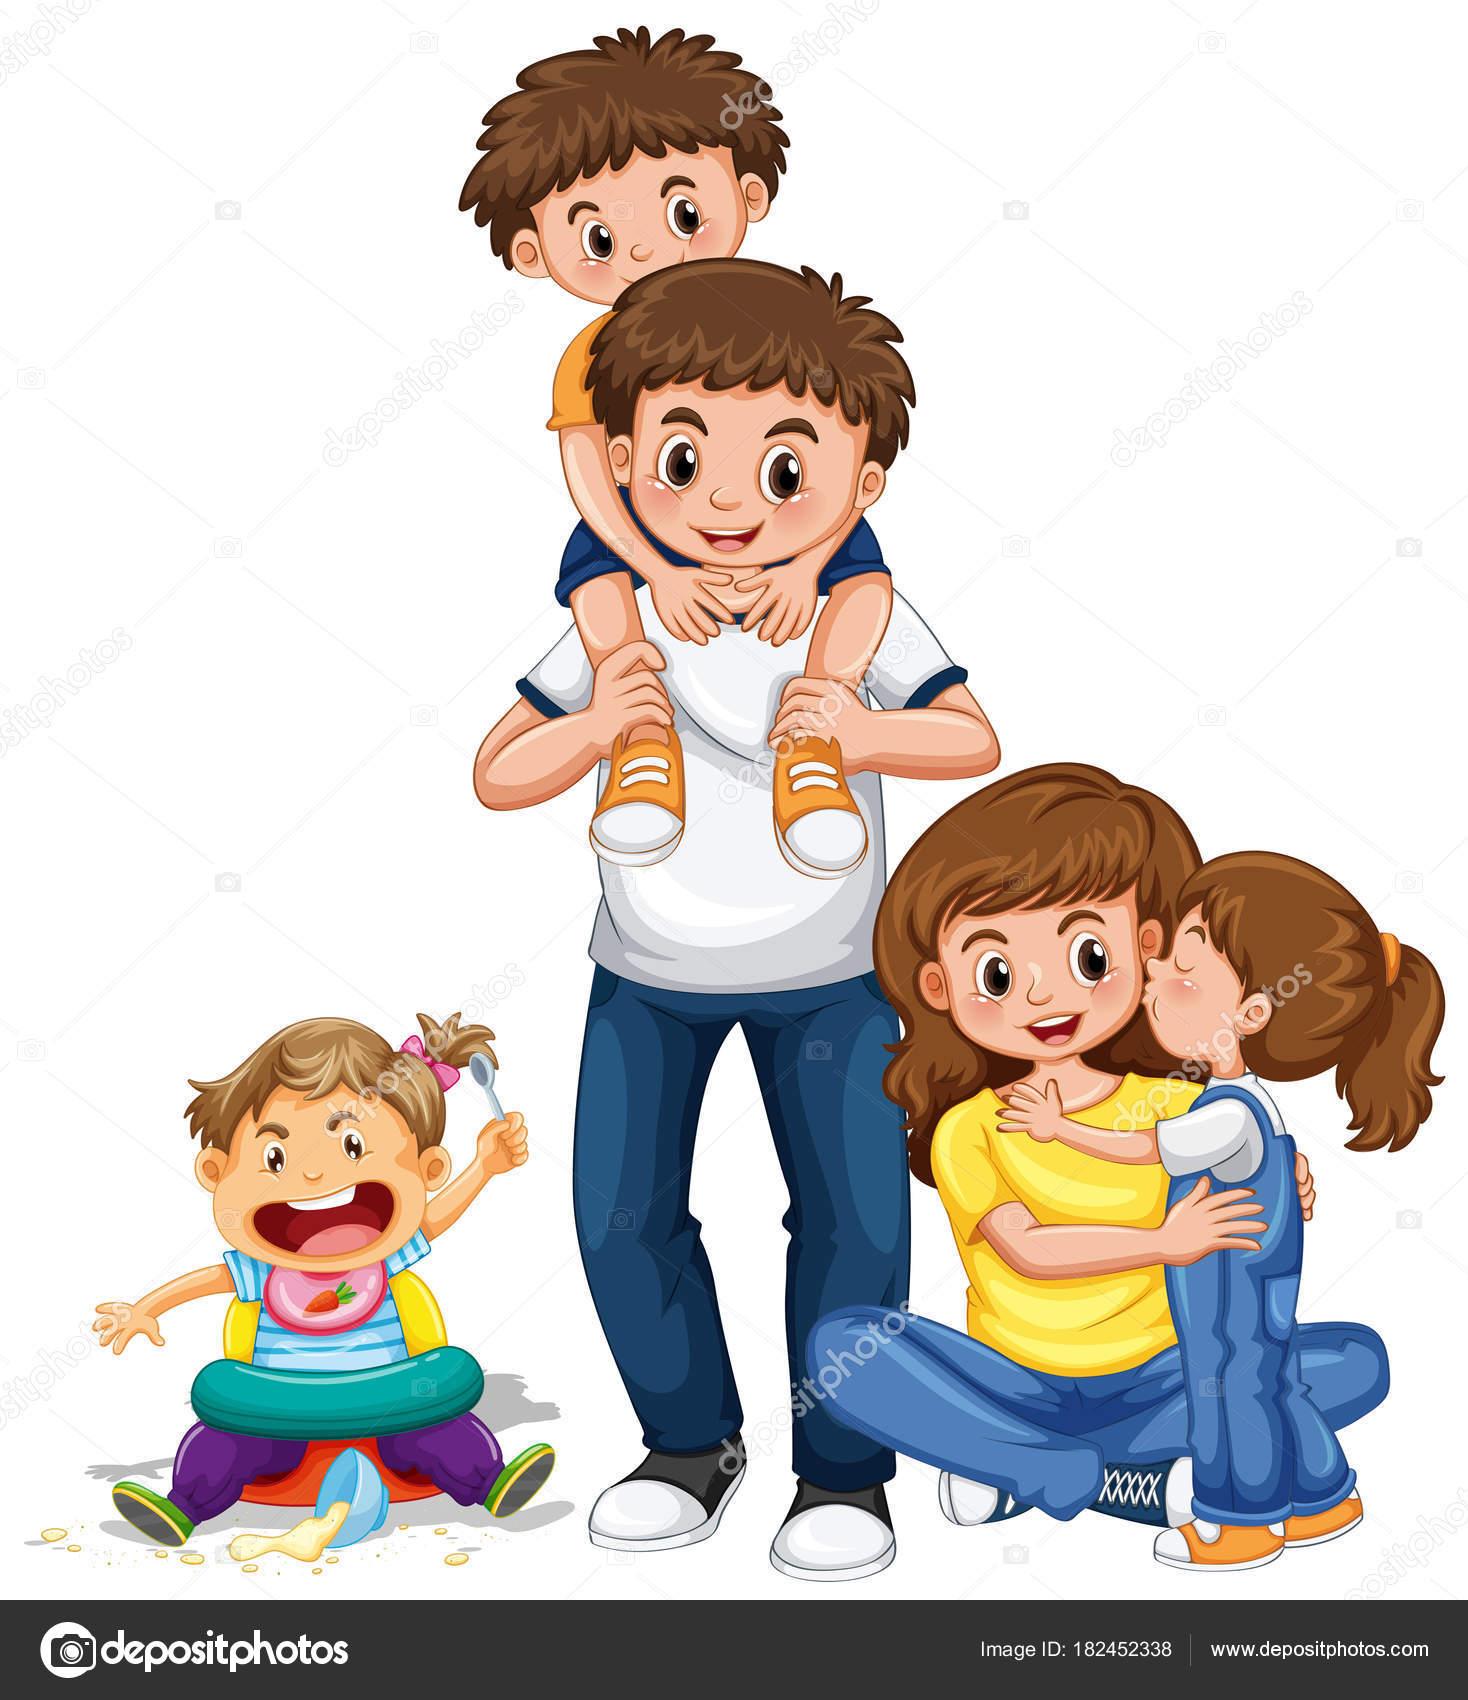 Znalezione obrazy dla zapytania grafika troje dzieci